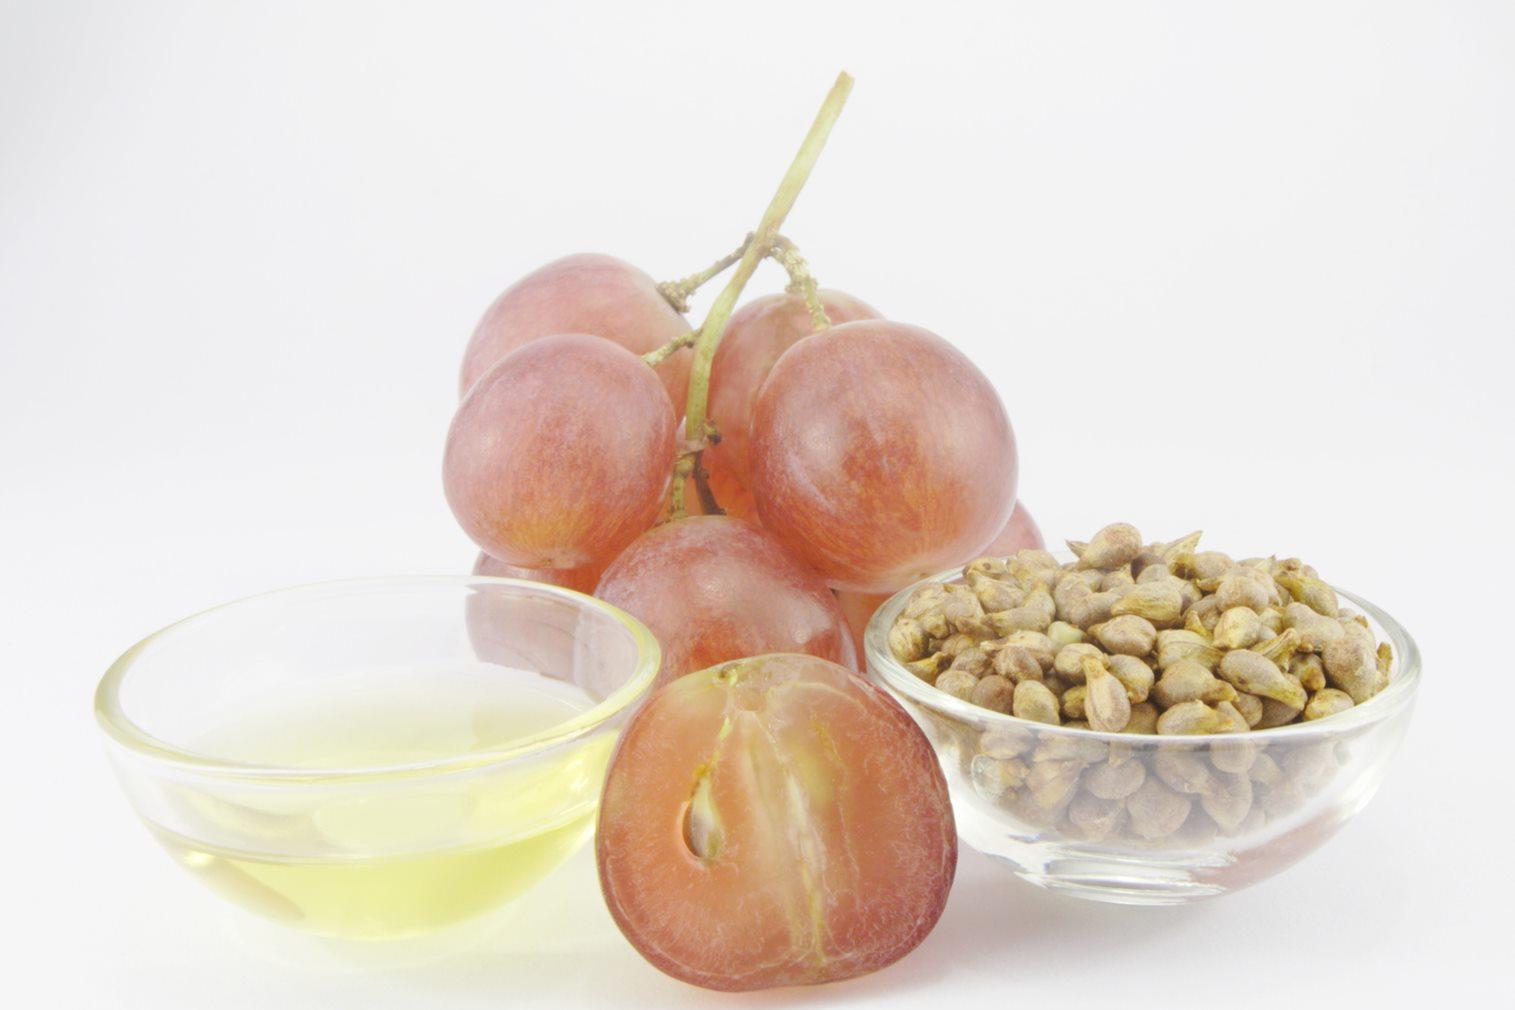 Właściwości oleju z pestek winogron